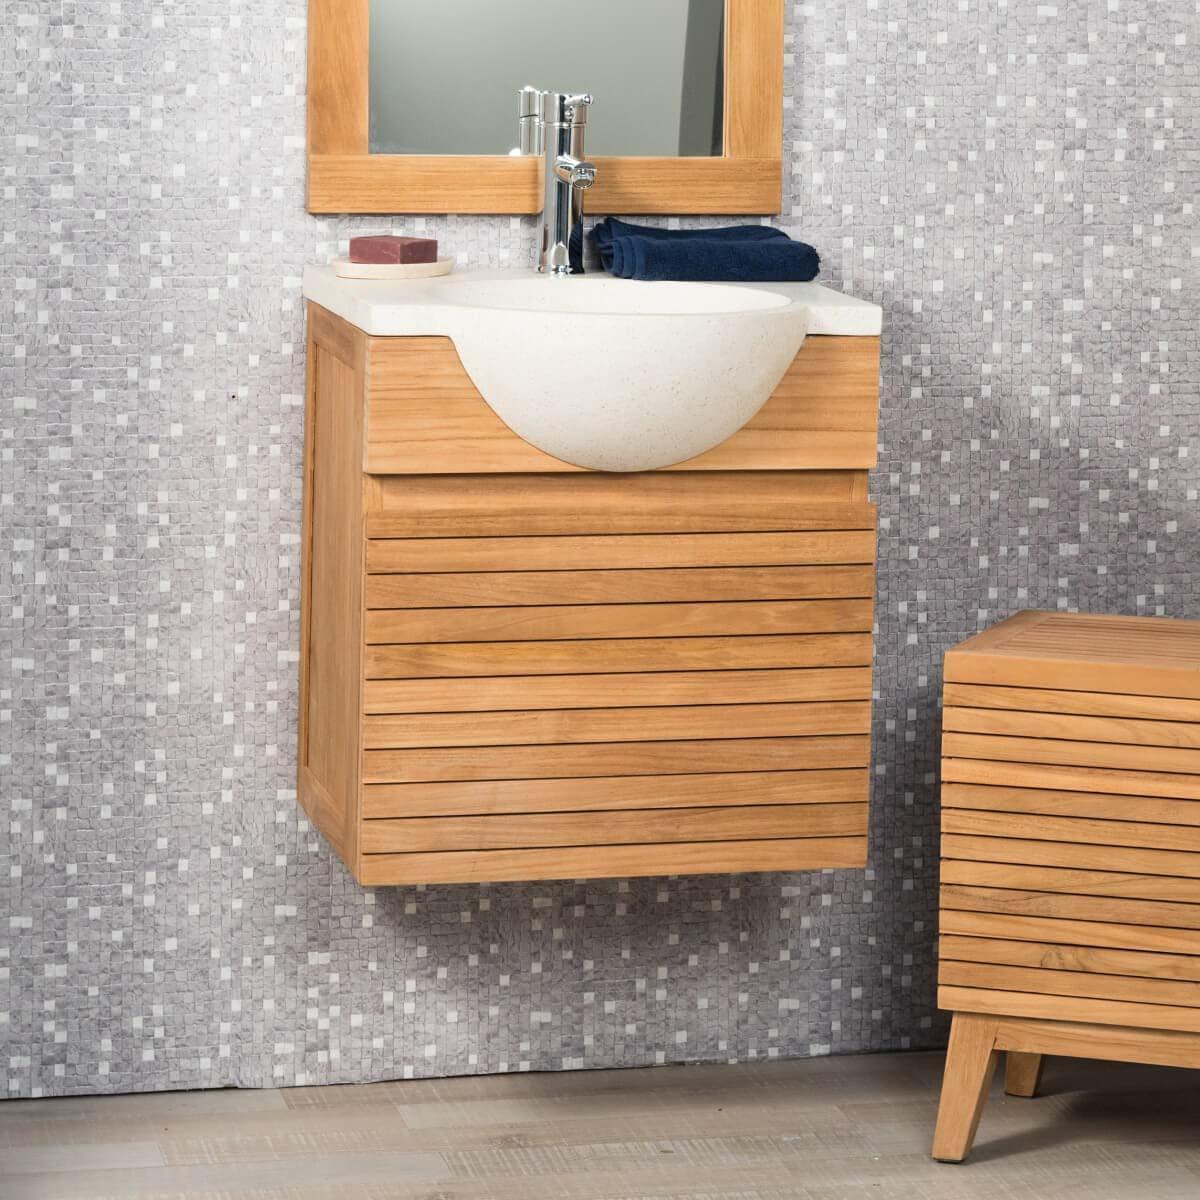 Mueble para lavabo simple de madera teca maciza contempor neo rect ngulo crema ancho 50 cm - Mueble lavabo madera ...